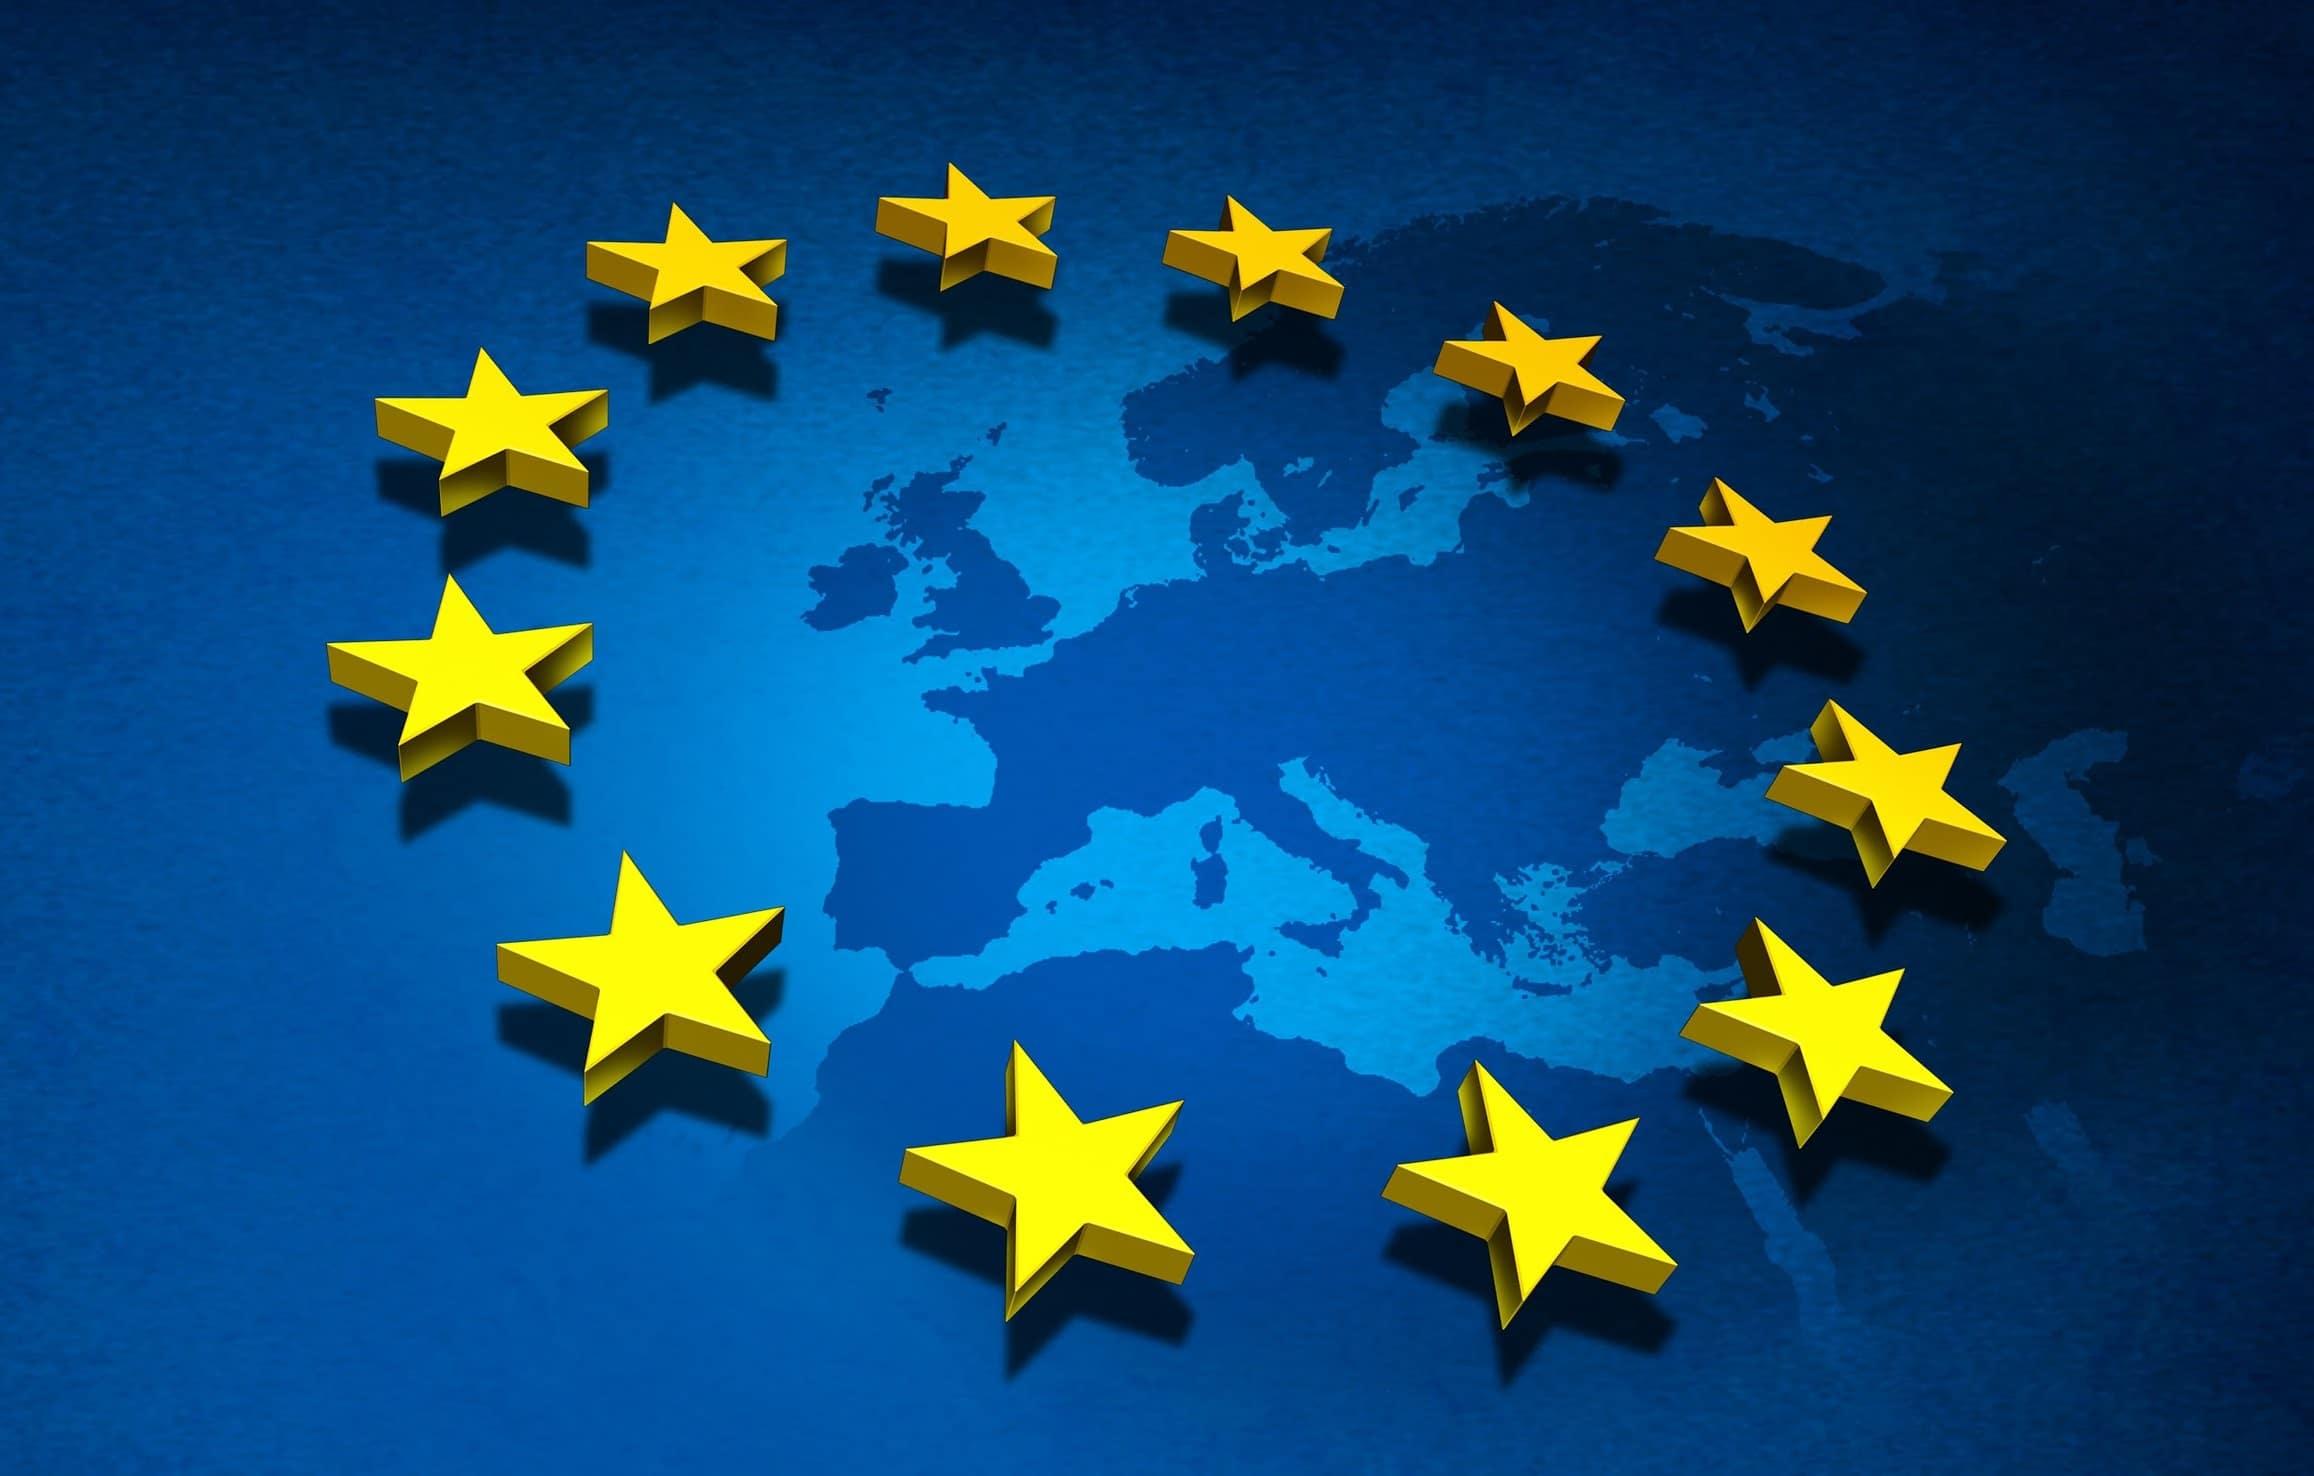 Avrupa AB Turkiye - Avrupa Birliği İle İlişkilerin Hazırlık Soruşturmasına Etkisi